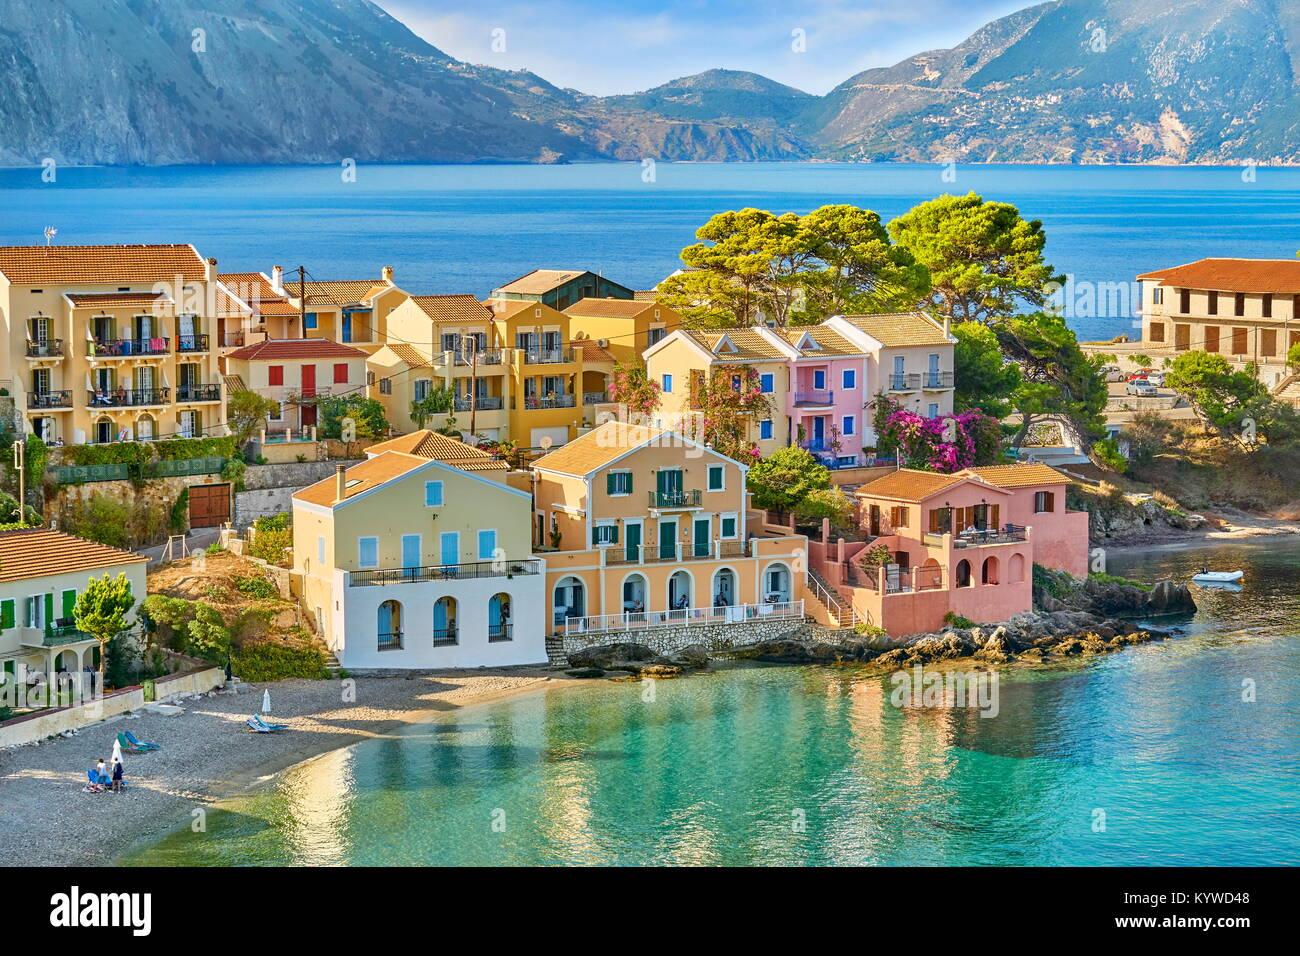 Coloridas casas en la aldea de Assos, isla Kefalonia, Grecia Imagen De Stock